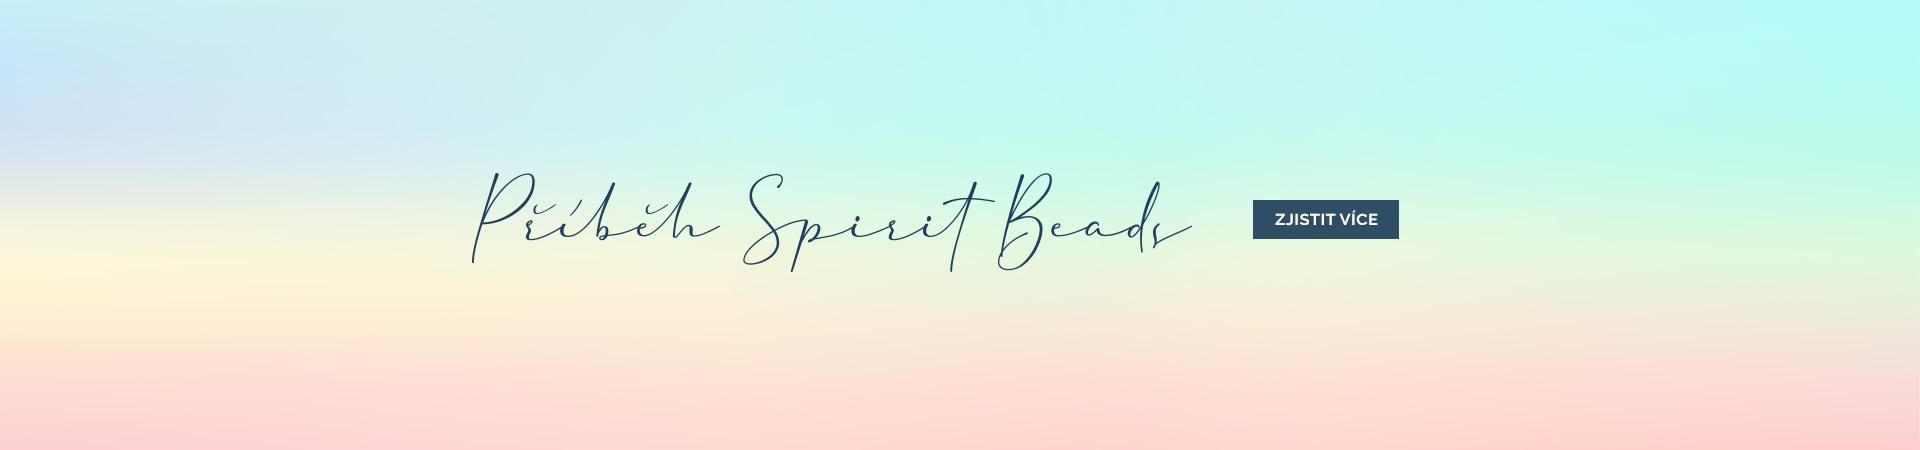 cesta ke spirit beads